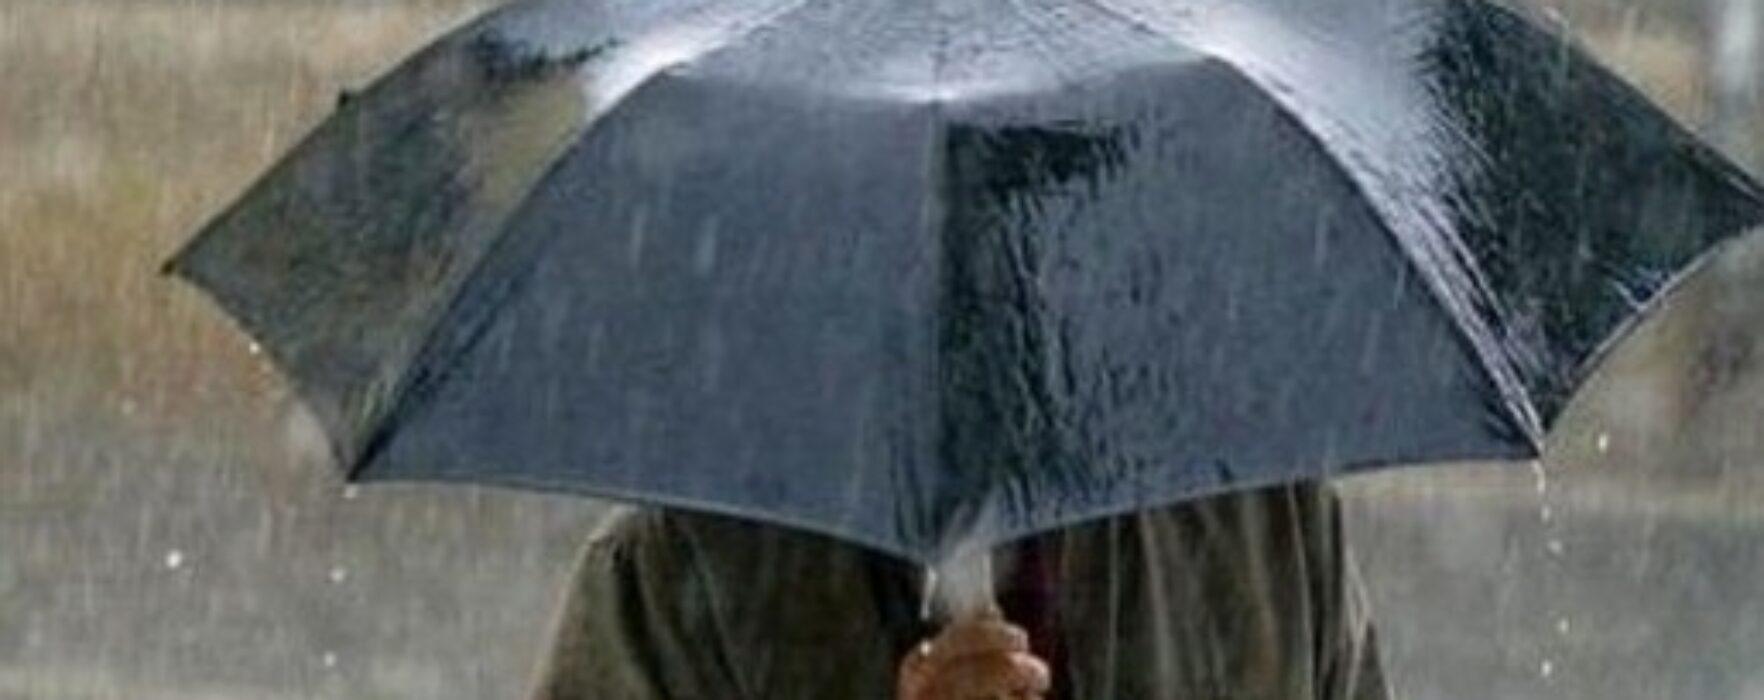 Cod Galben de ploi şi vânt în Dâmboviţa, până joi